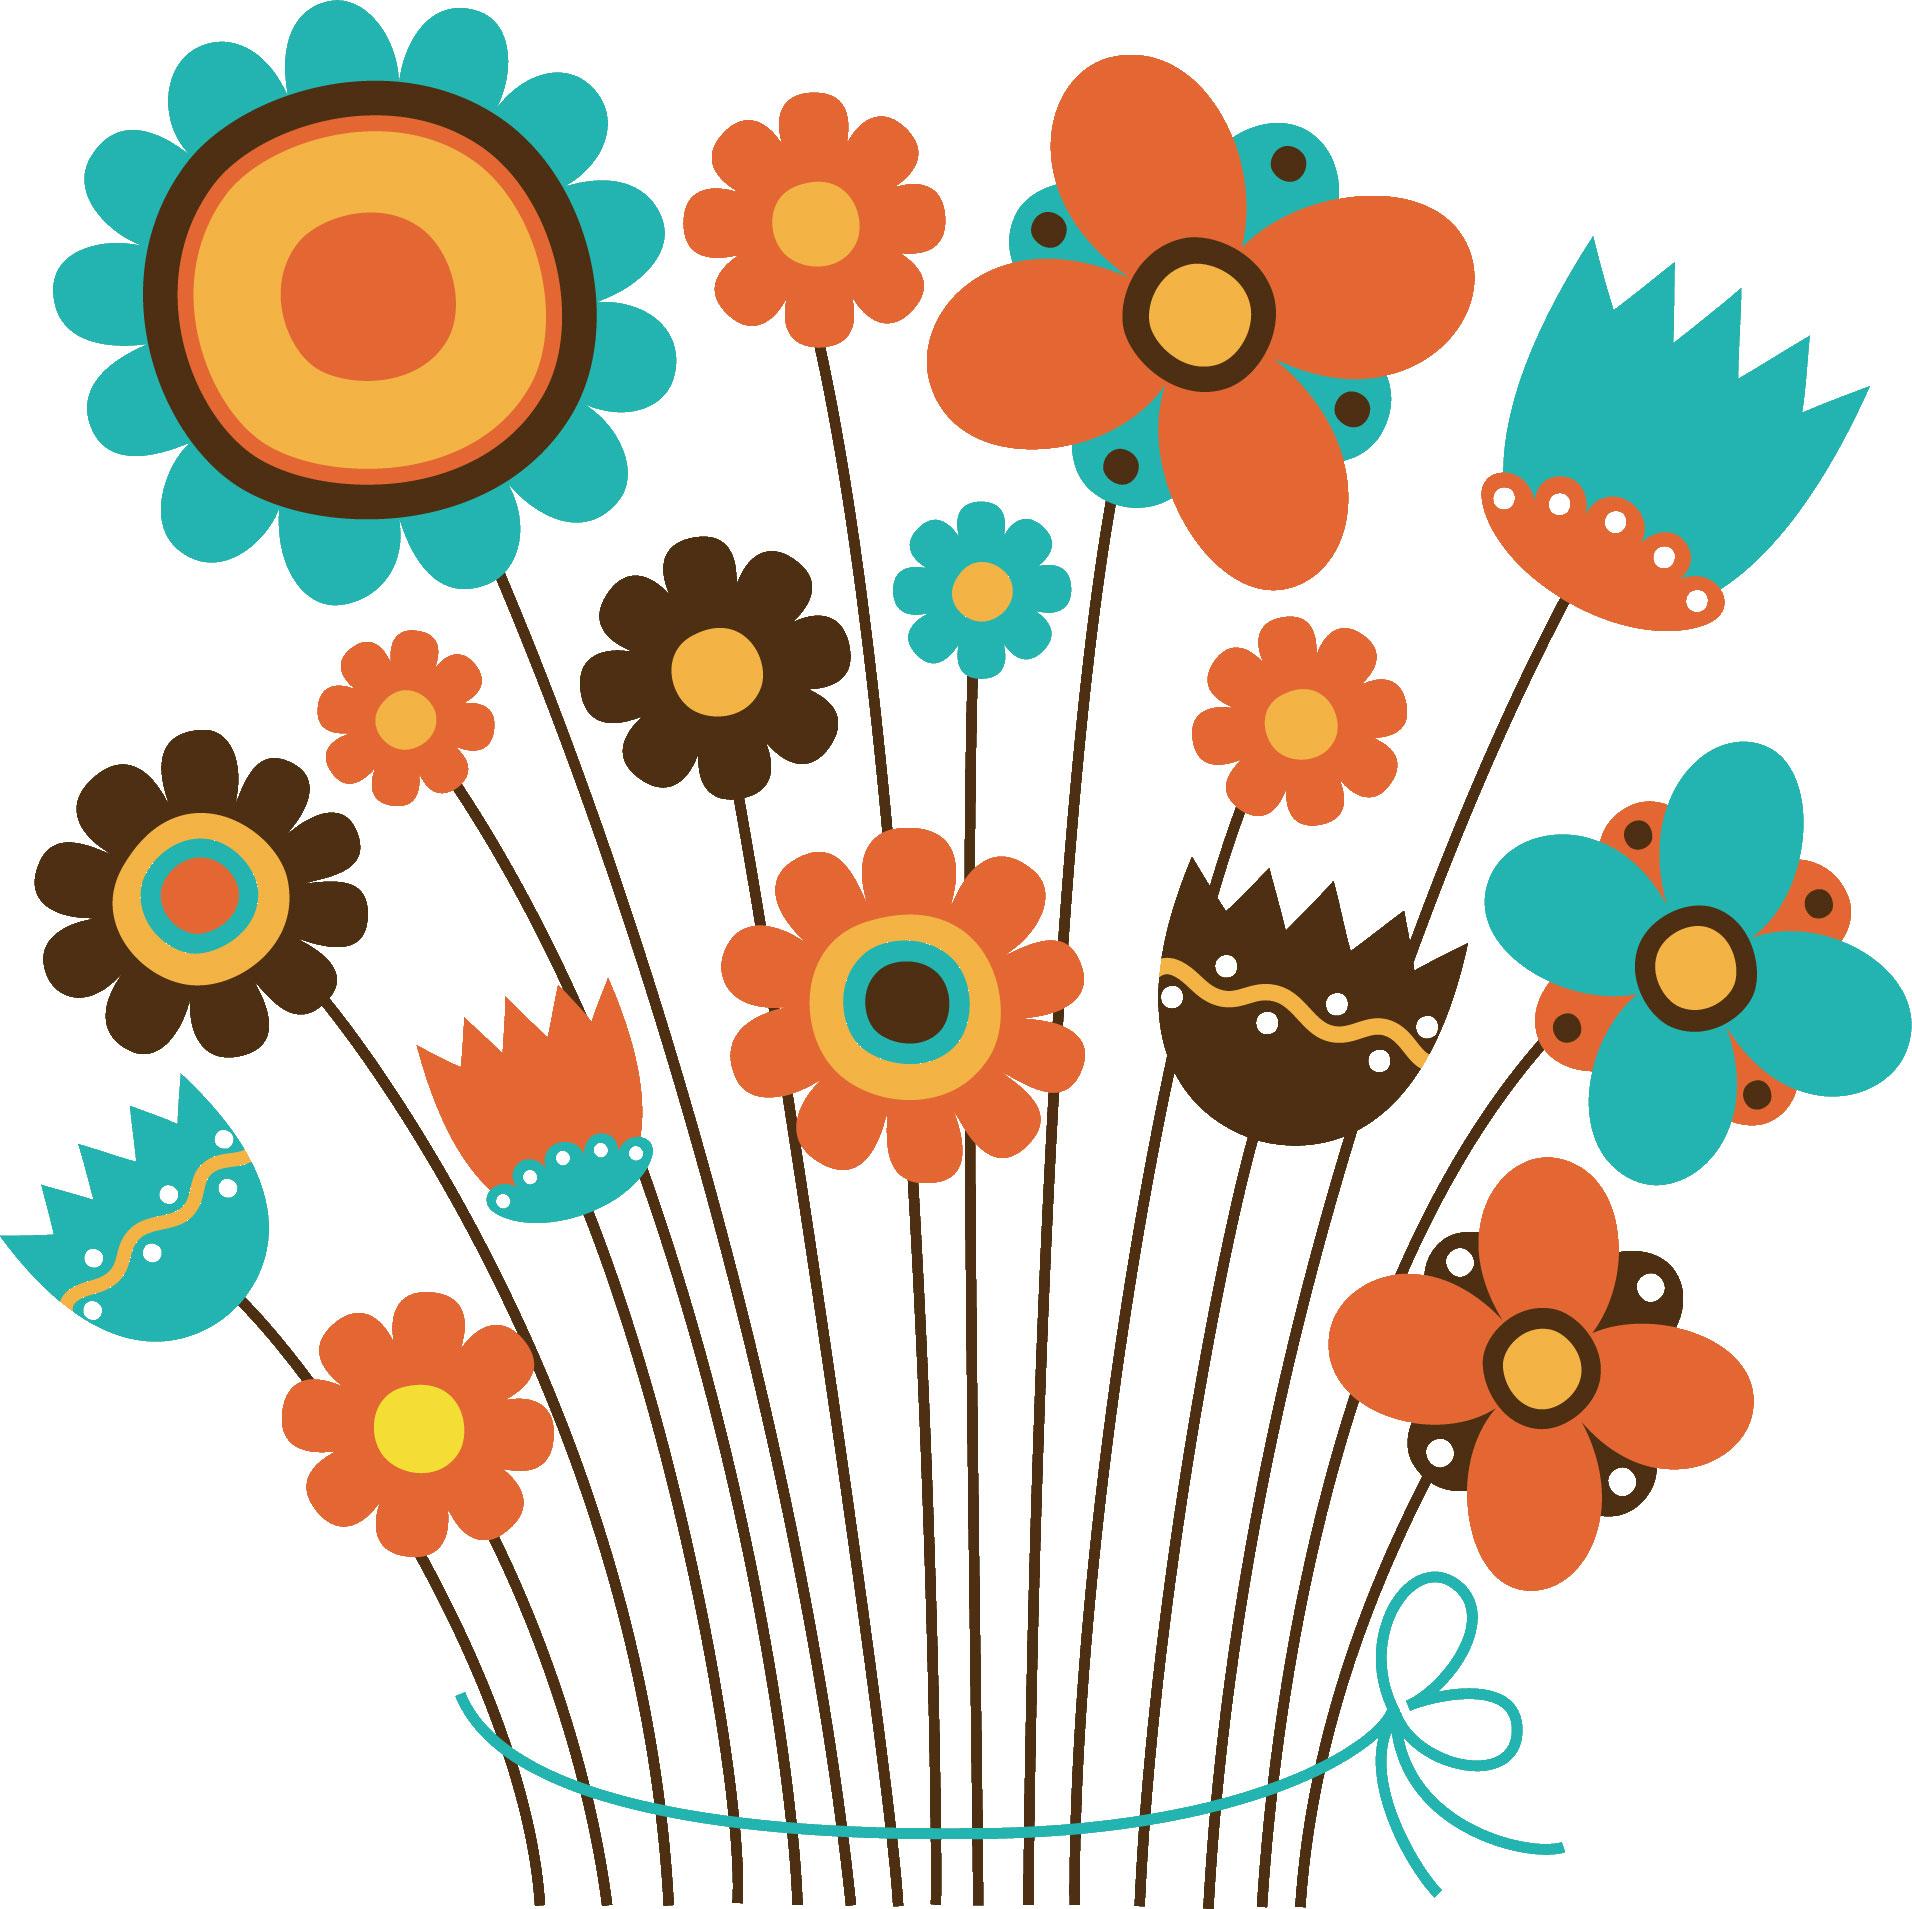 花のイラスト『花束』/無料のフリー素材集【百花繚乱】